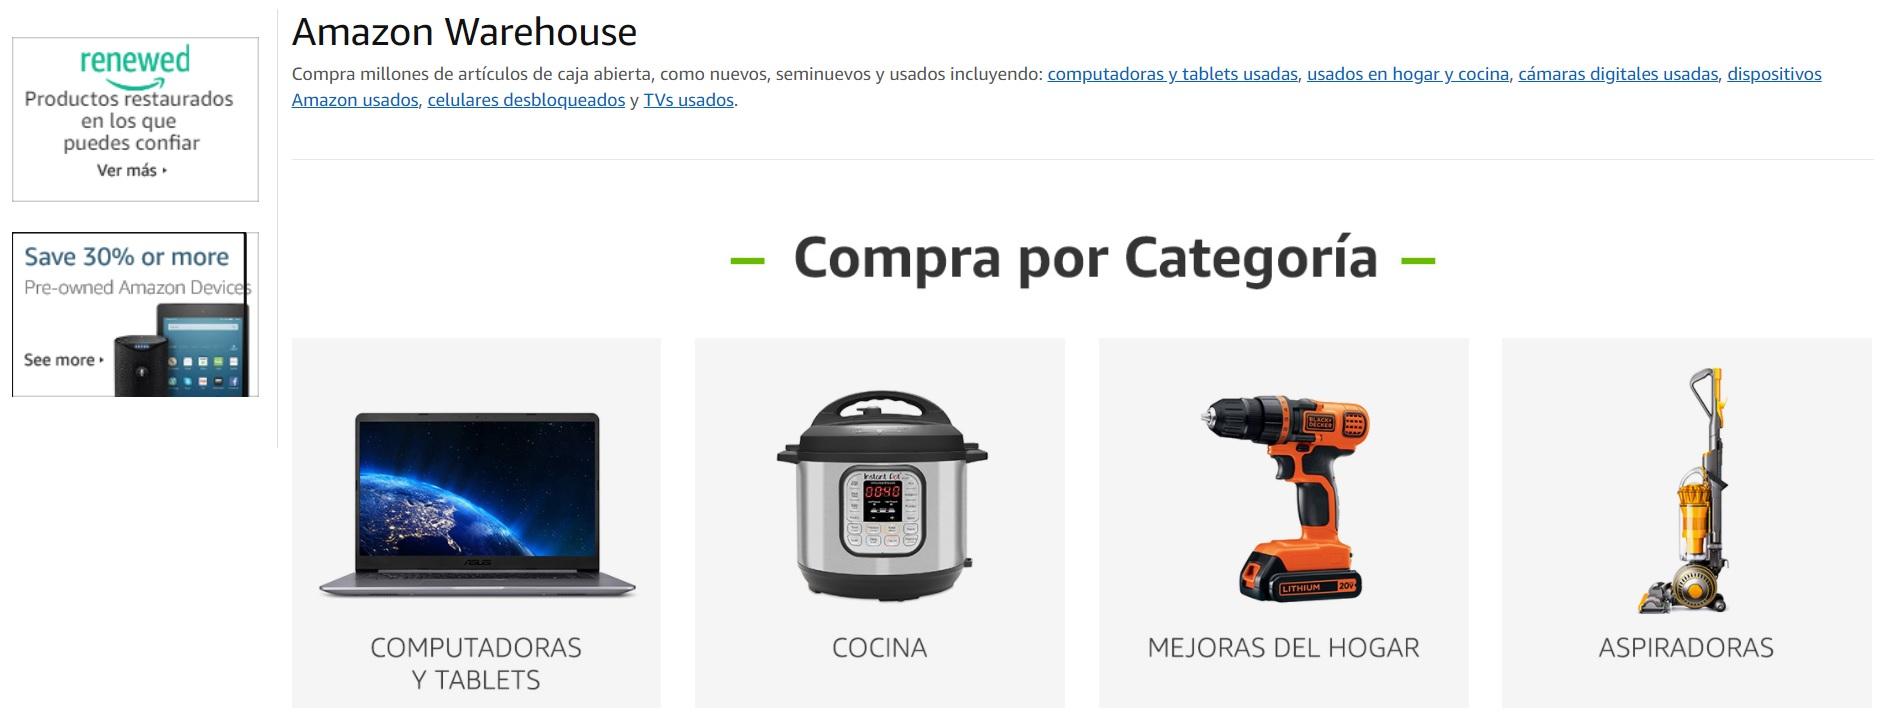 En Amazon Warehouse, puede encontrar productos a valores más bajos